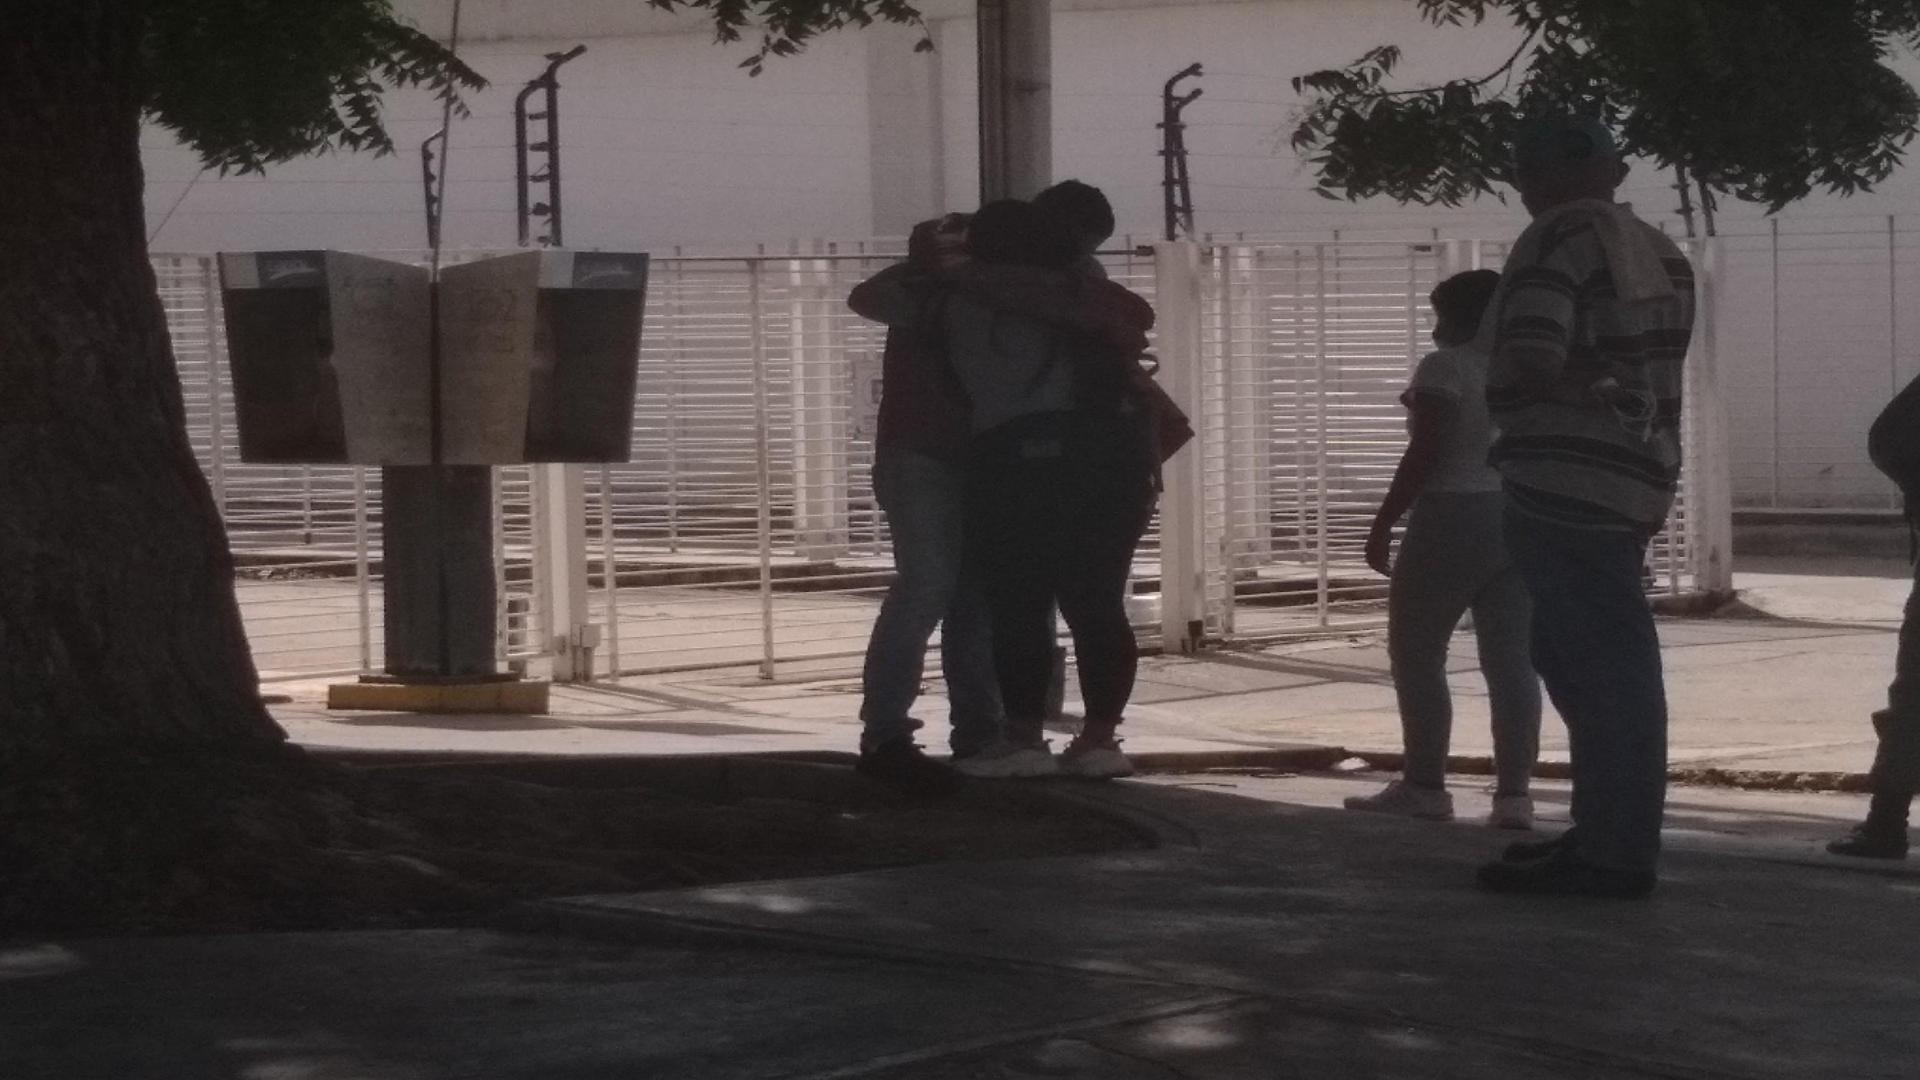 #MonitorDeVíctimas | Madre de una niña de 1 año y 3 meses fue detenida por la muerte de su hija en Lara